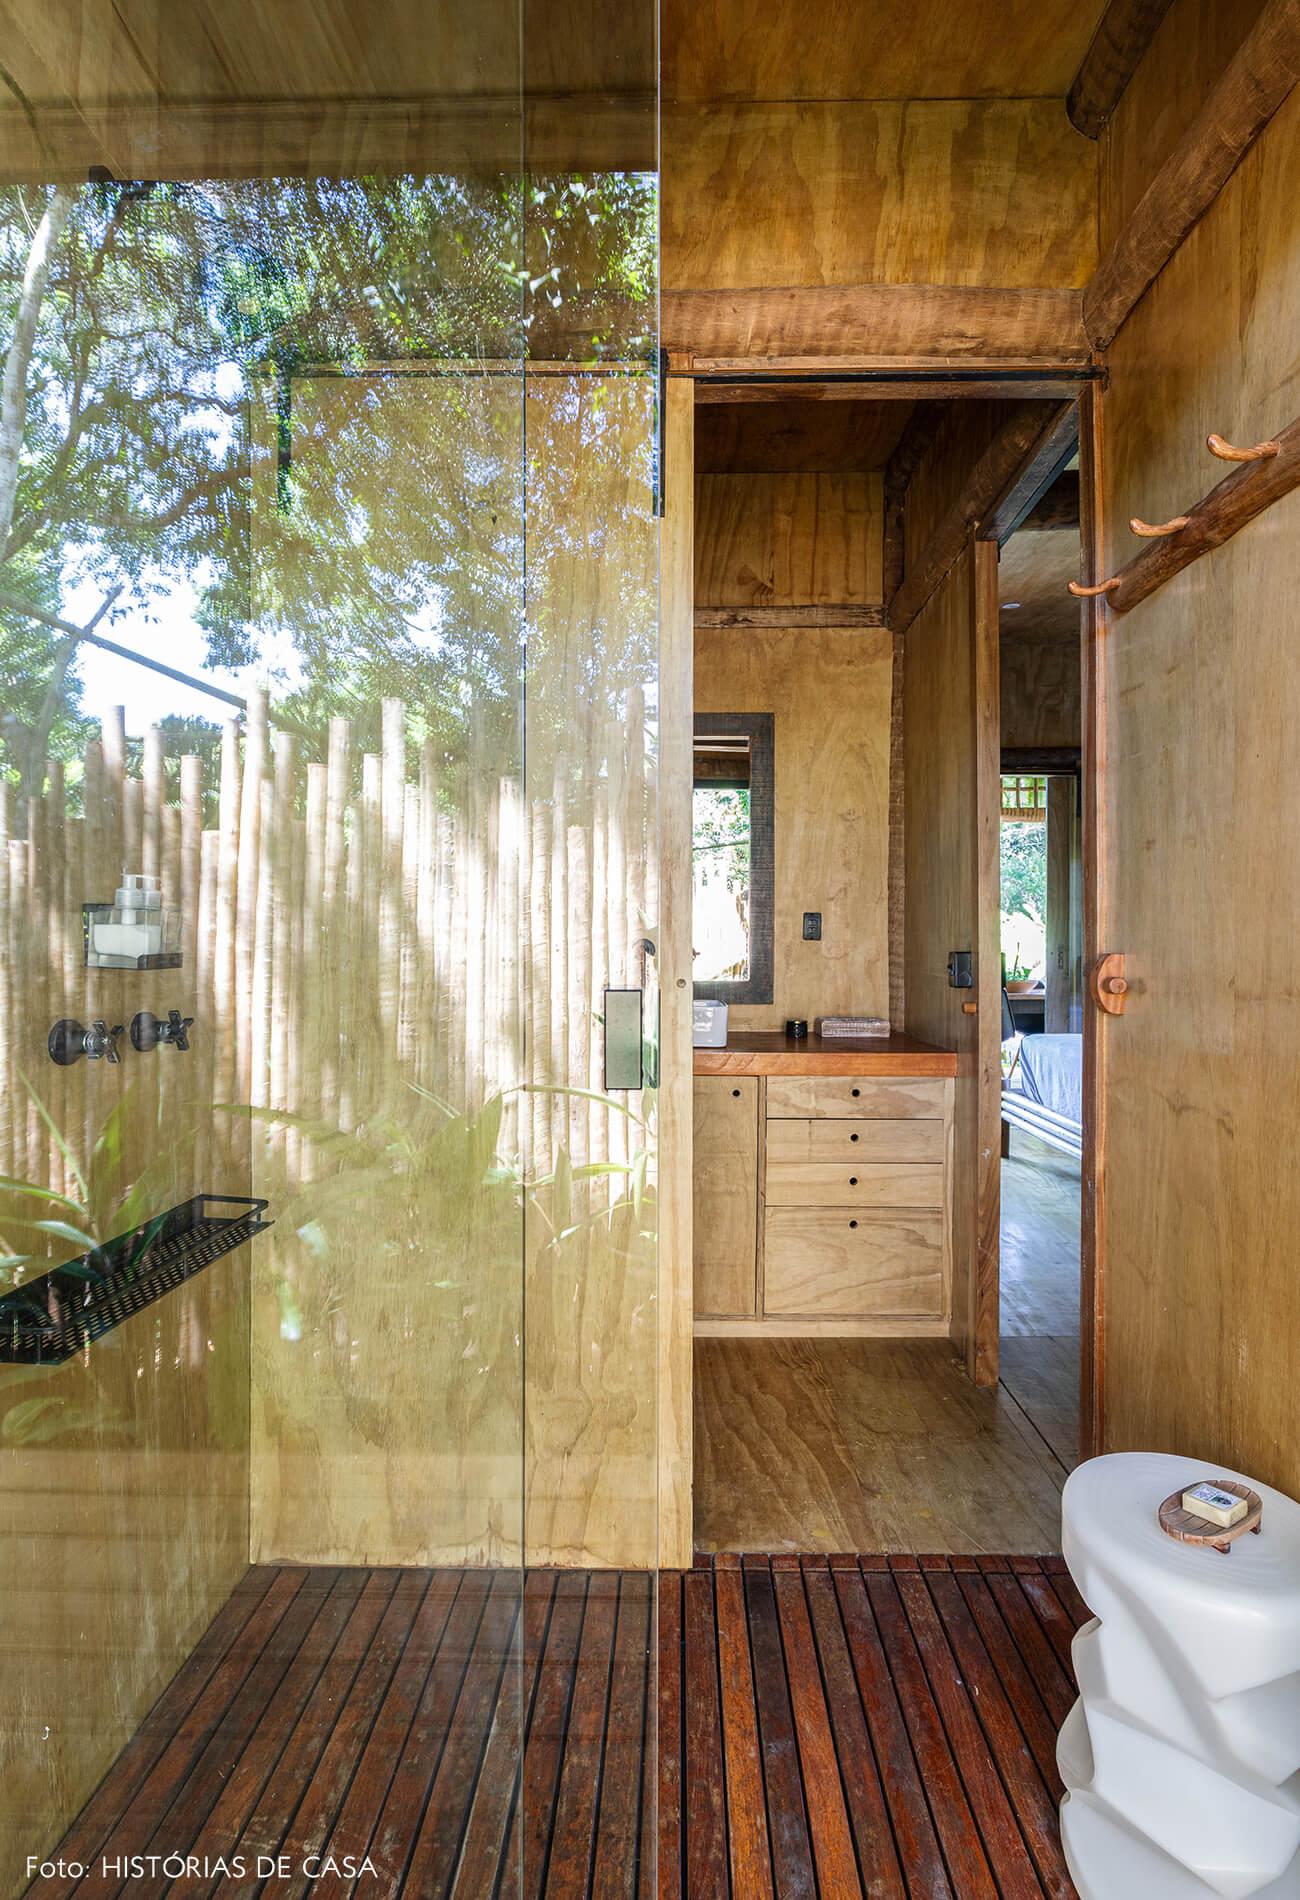 trancoso-decoracao-hotel-villase7e-32-banheiro-piso-e-parede-de-madeira-porta-vidro